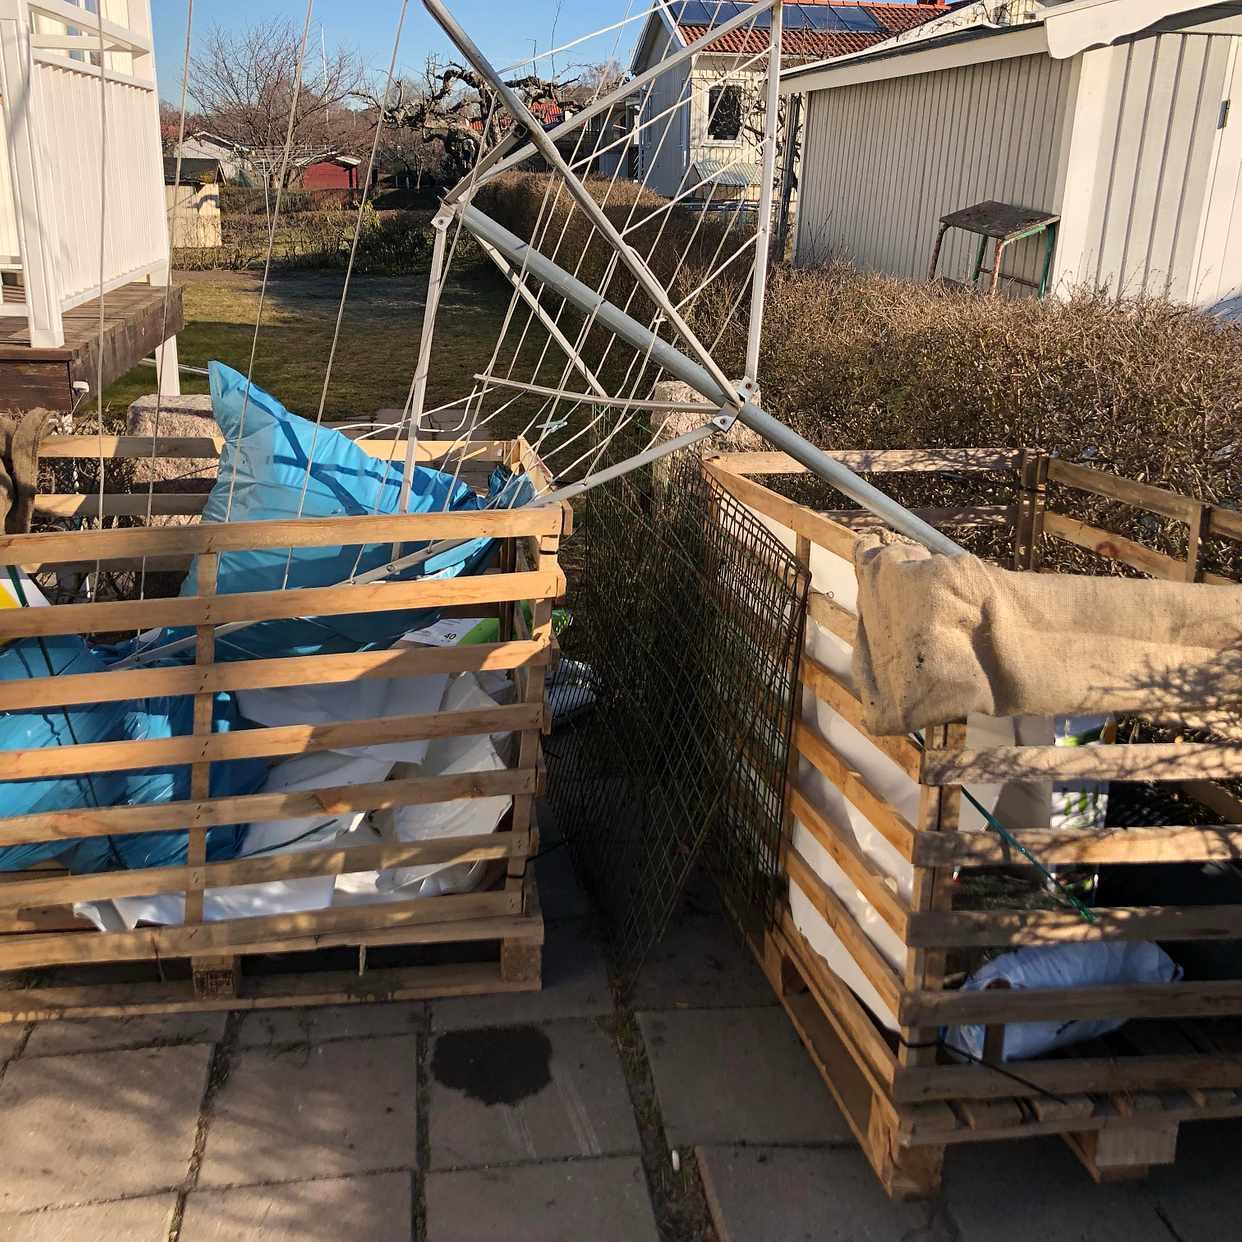 image of 2 pallets + waste - Enskede